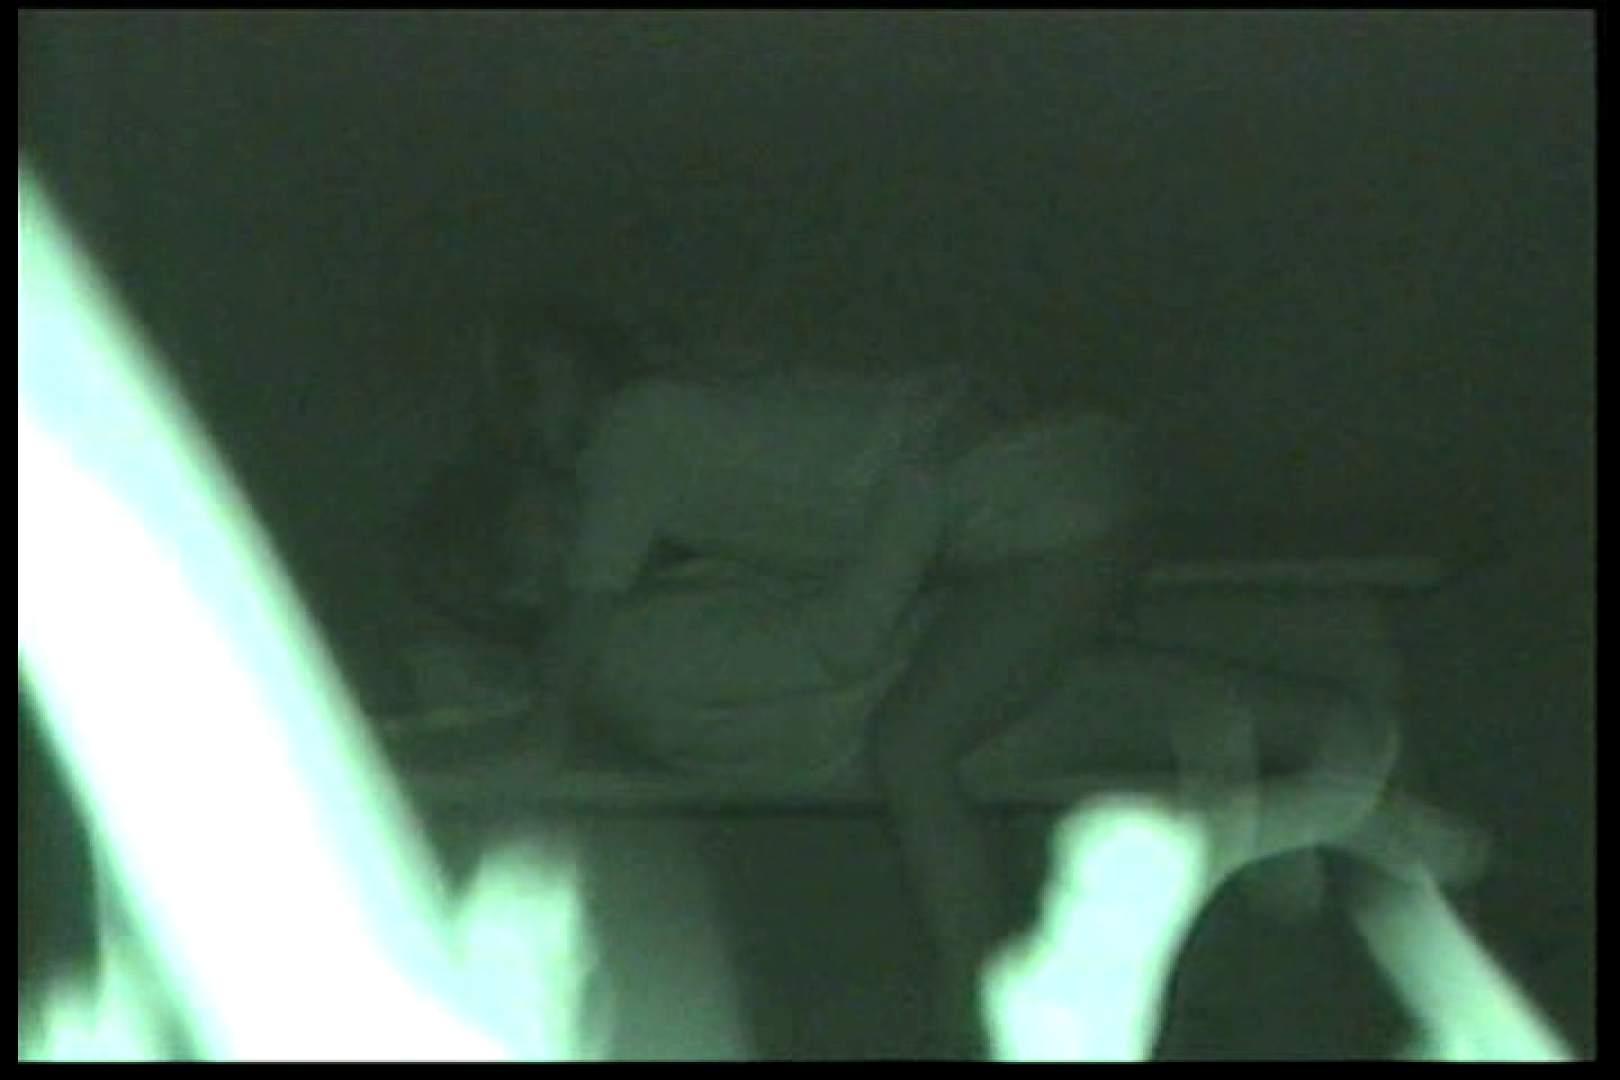 車の中はラブホテル 無修正版  Vol.15 赤外線 性交動画流出 77pic 33